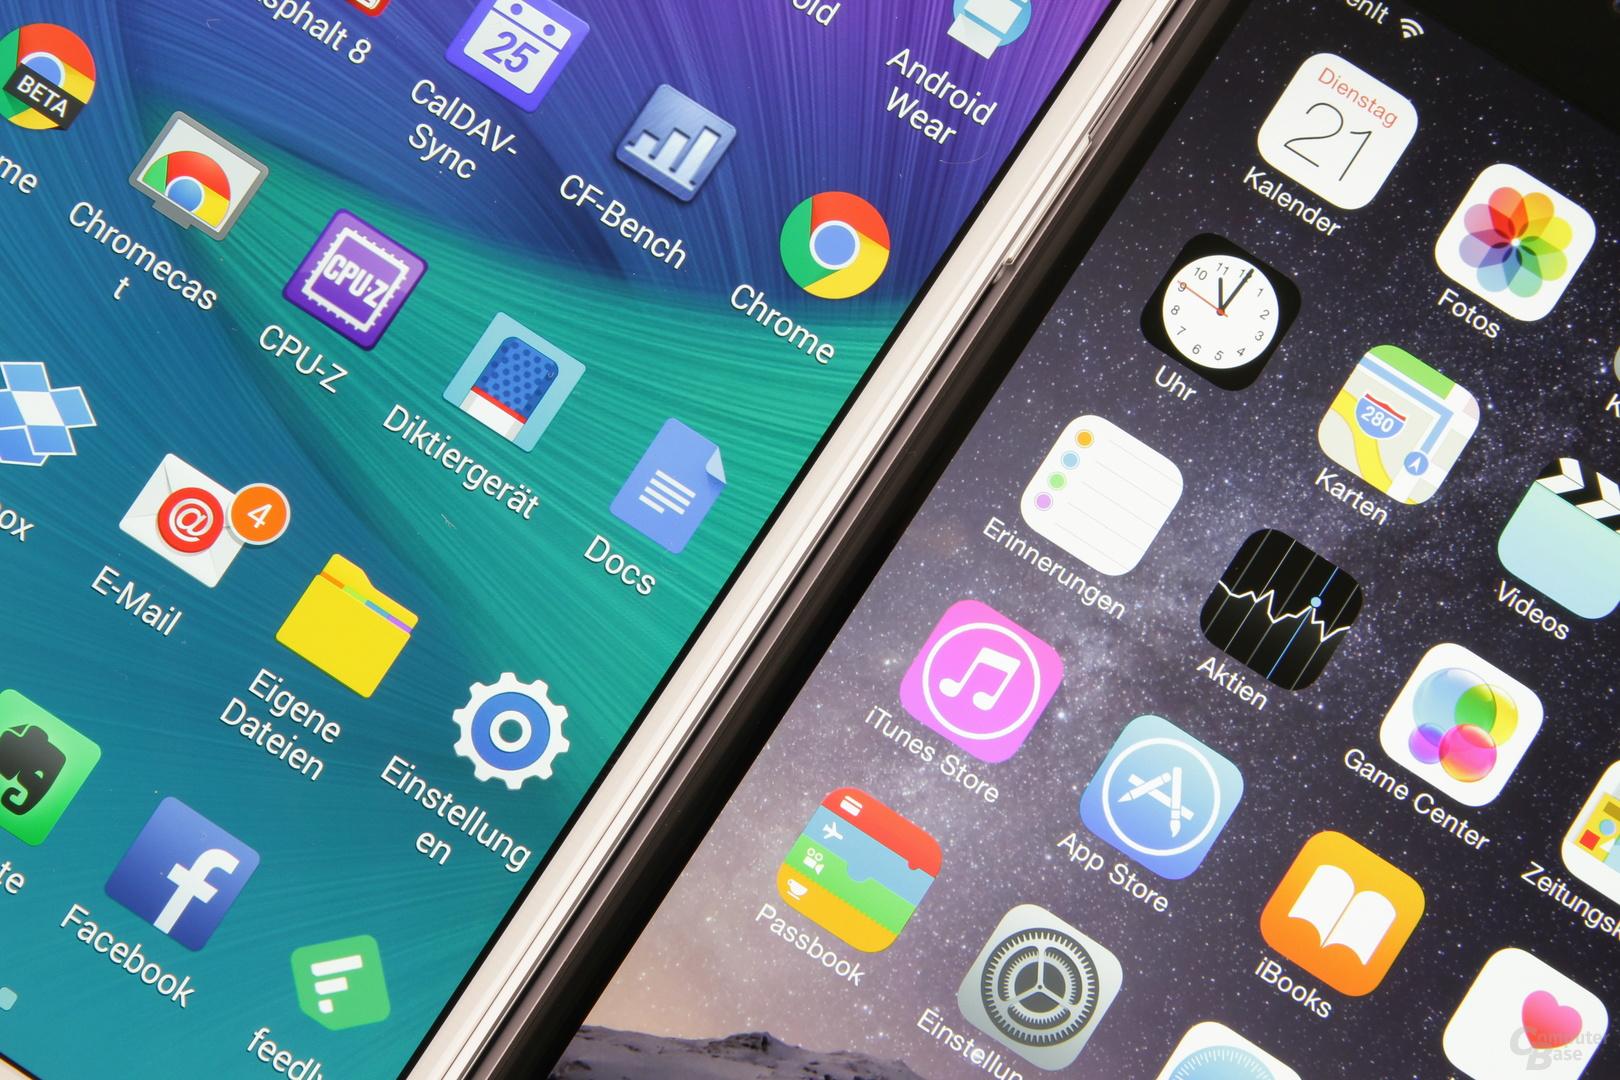 Das Galaxy Note 4 kommt auf 515 ppi, das iPhone 6 Plus auf 401 ppi